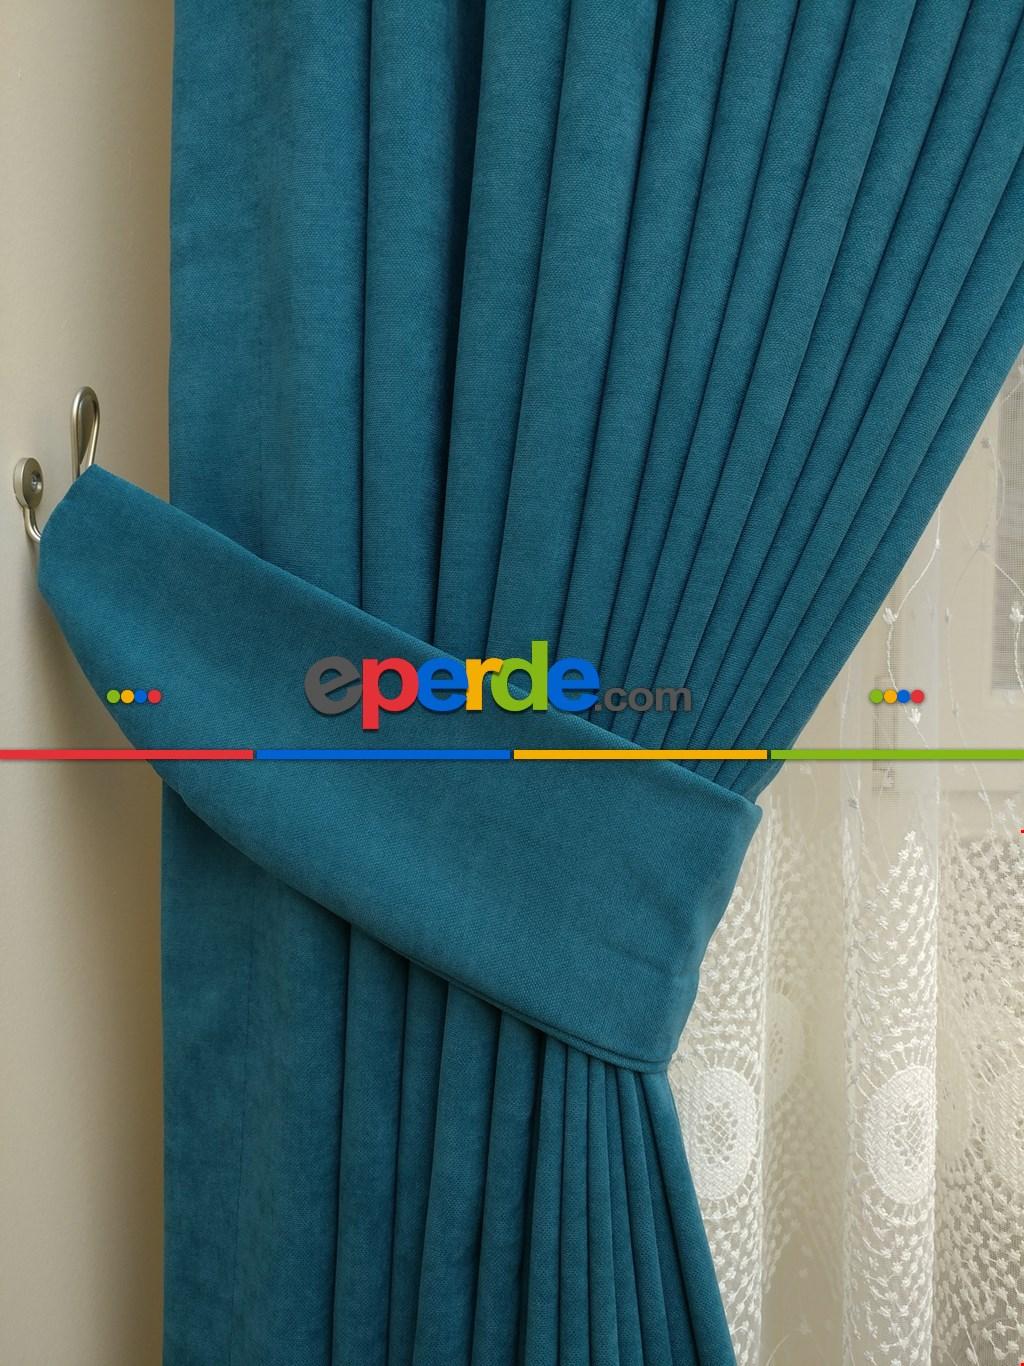 Salon Petrol Rengi - Düz Fon Perde ( En 150cm Dökümlü Fon Perde)- Petrol Mavisi